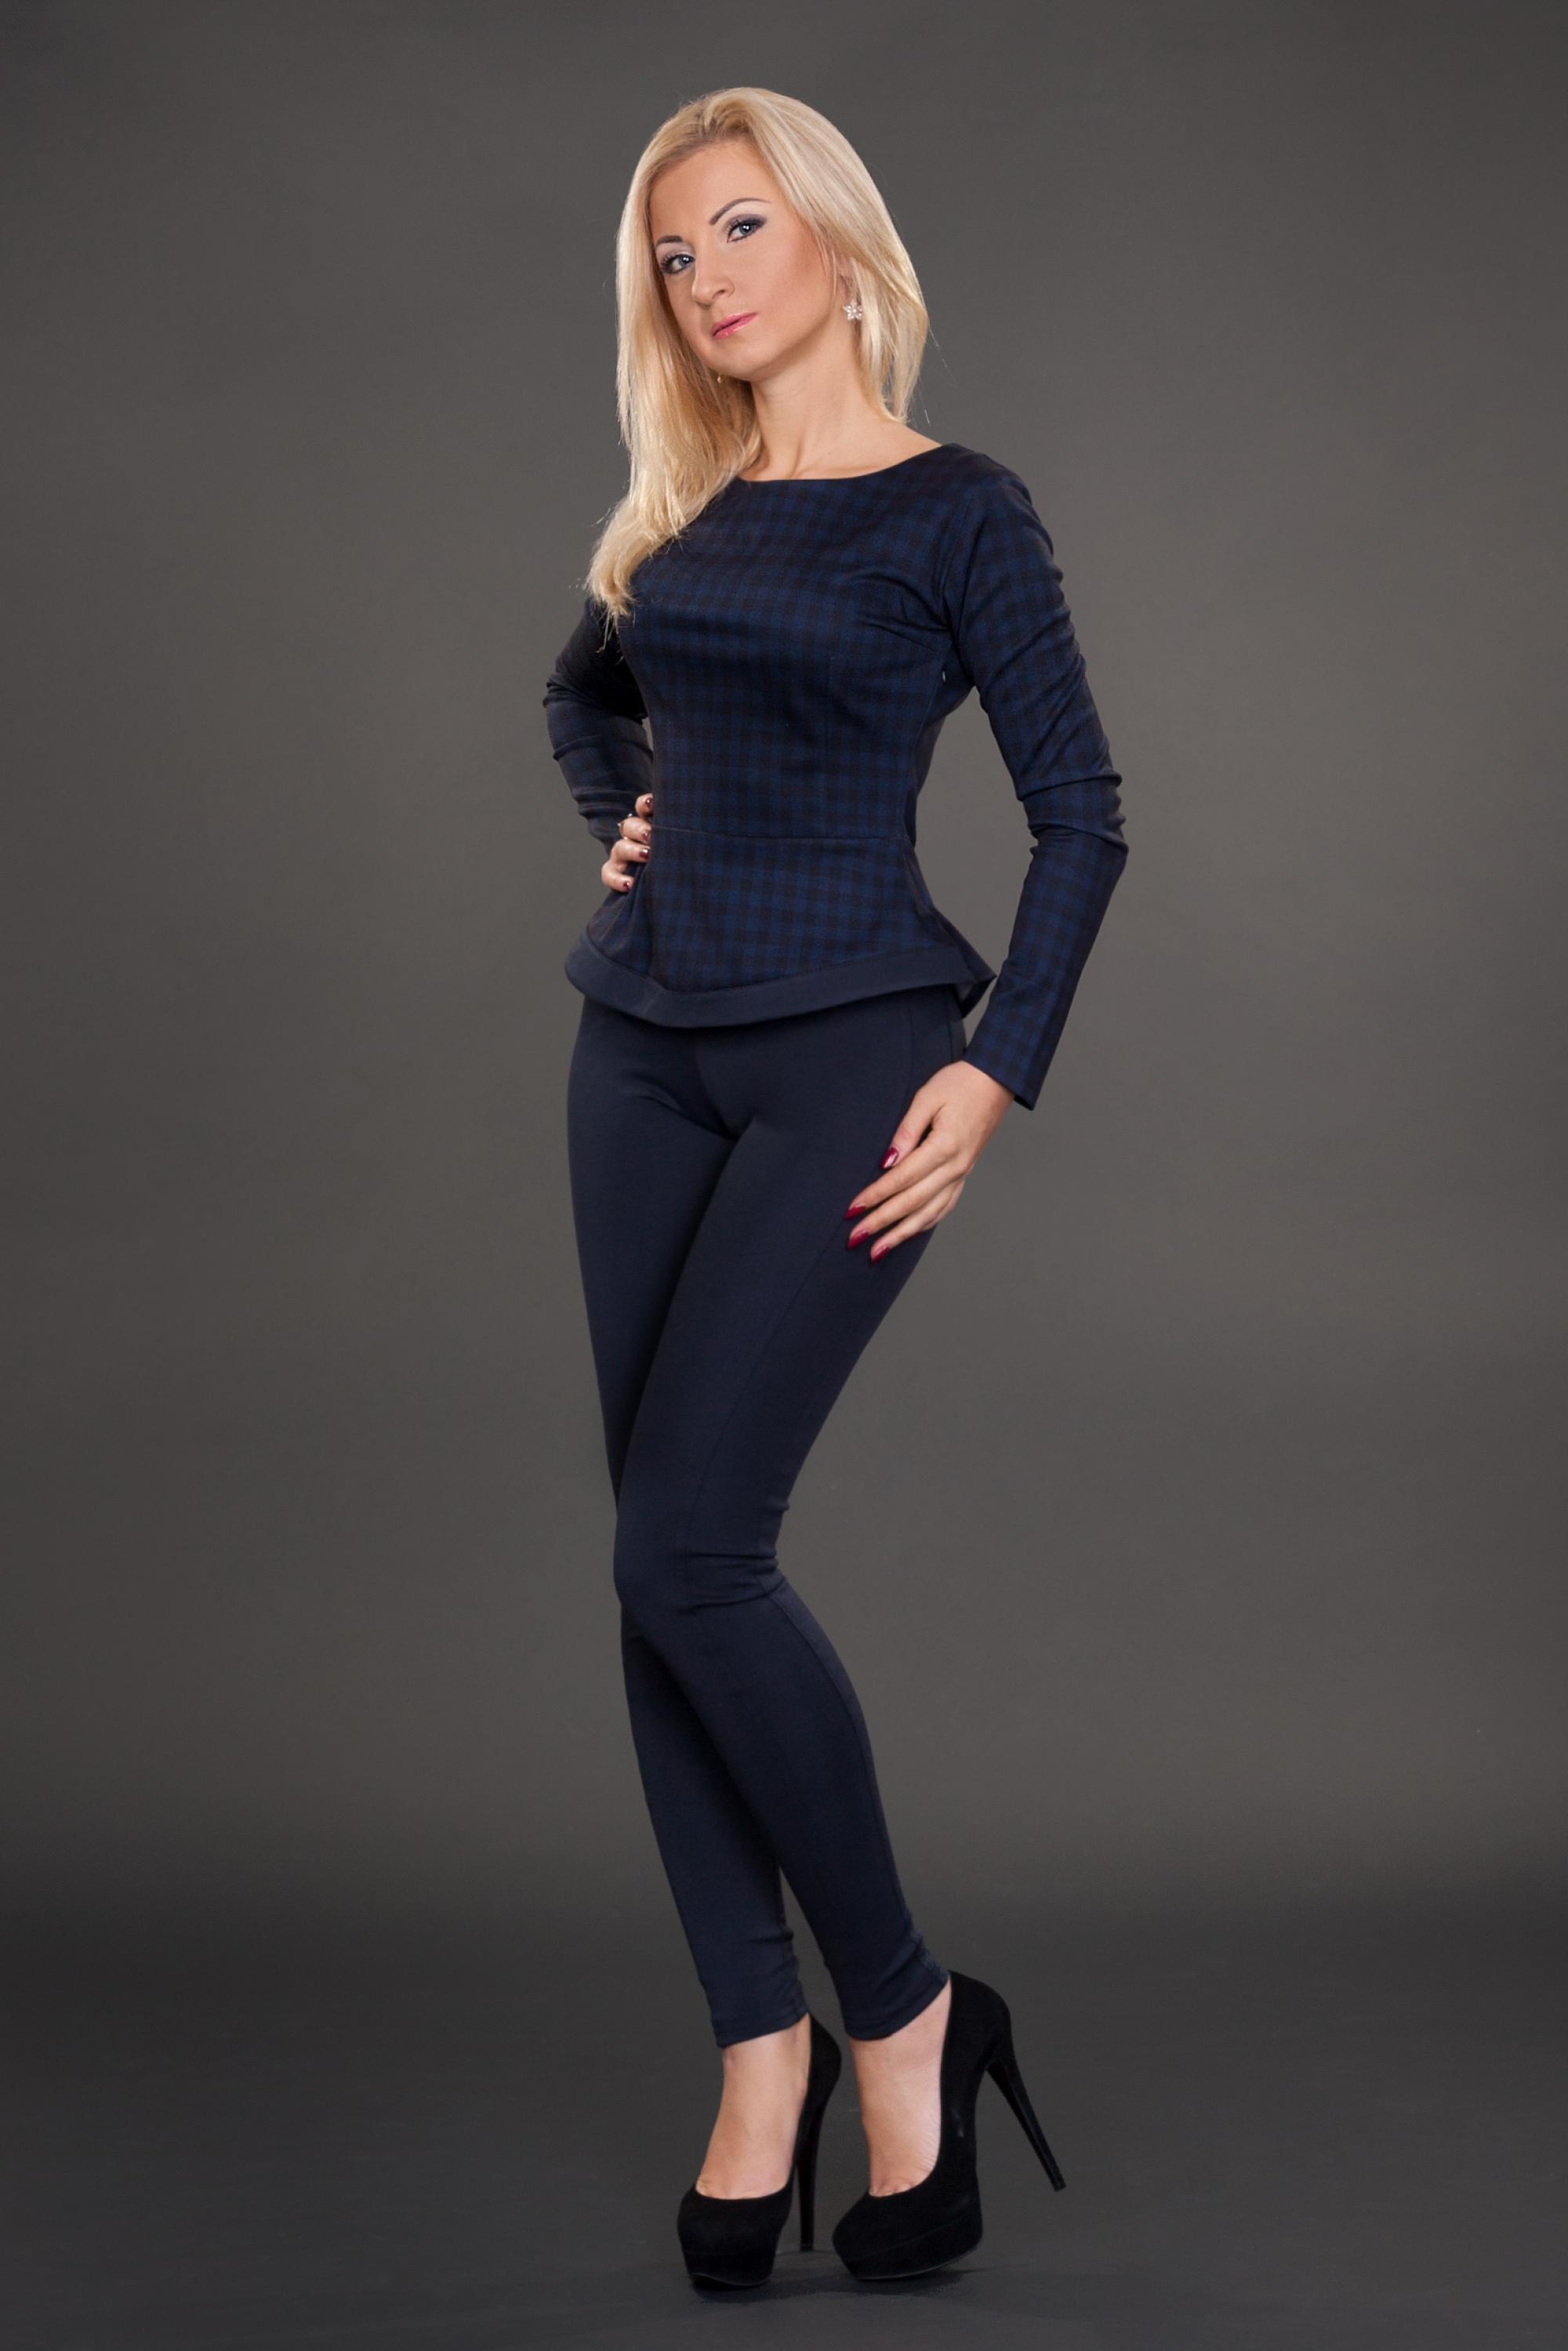 Брючний жіночий костюм № 637 - Товари - Купити стильні сукні ... 4a94d8da60262